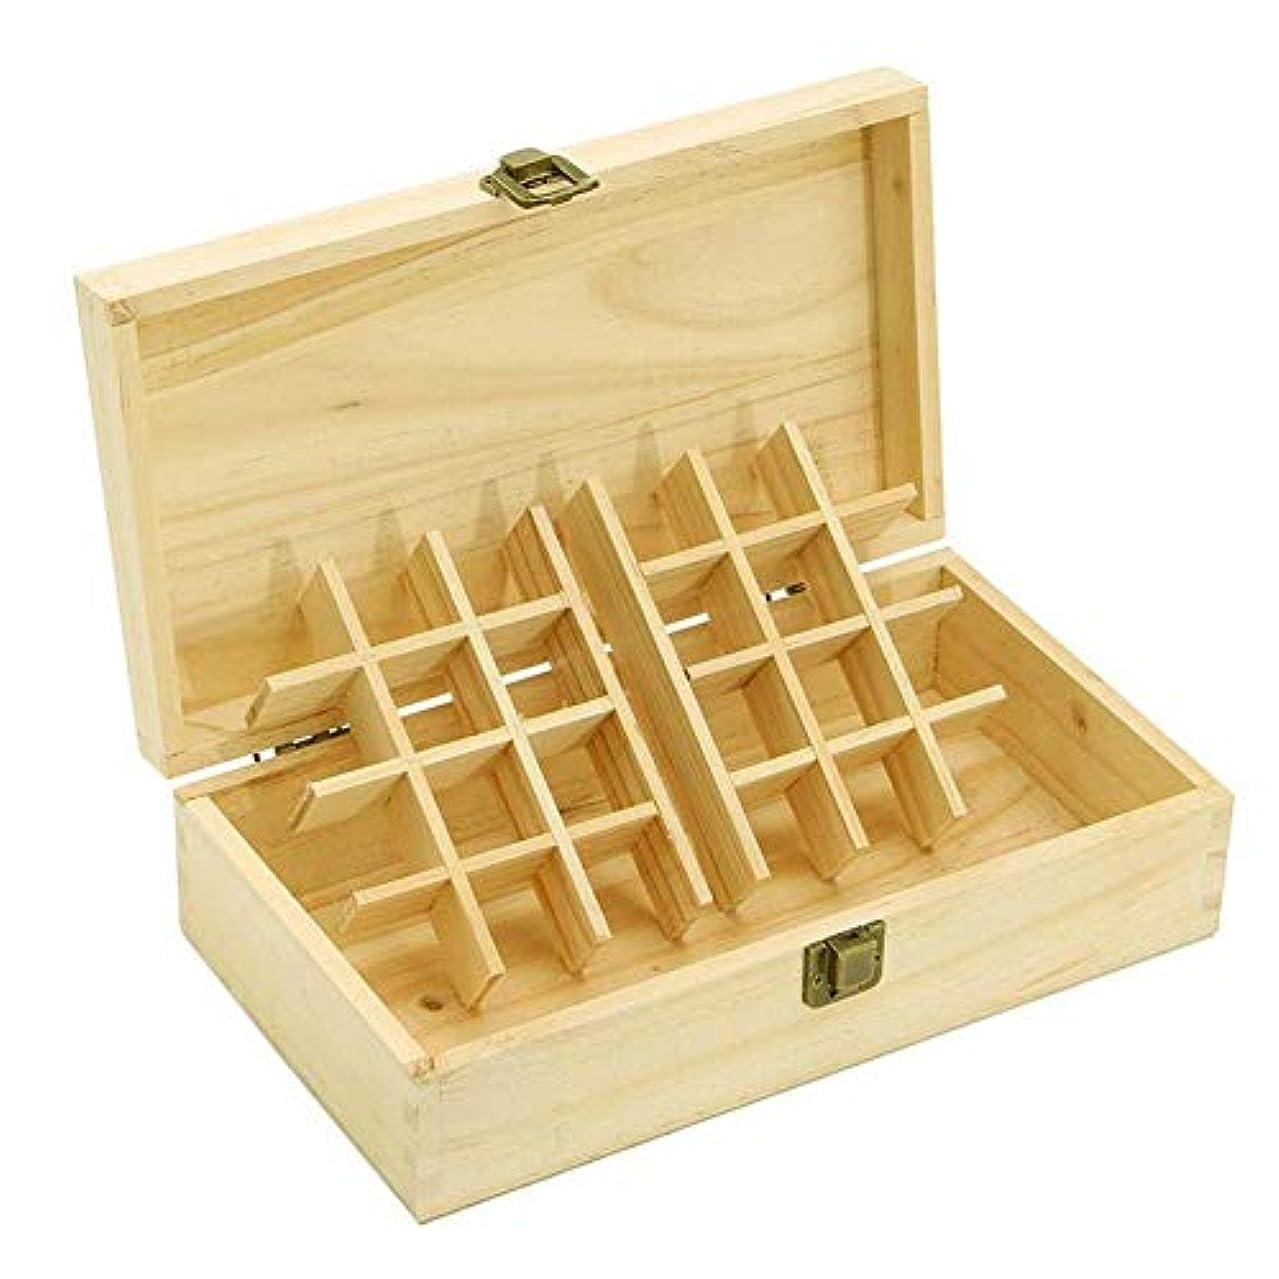 後悔チェス鉛エッセンシャルオイル収納ボックス 純木の精油の収納箱 香水収納ケース アロマオイル収納ボックス